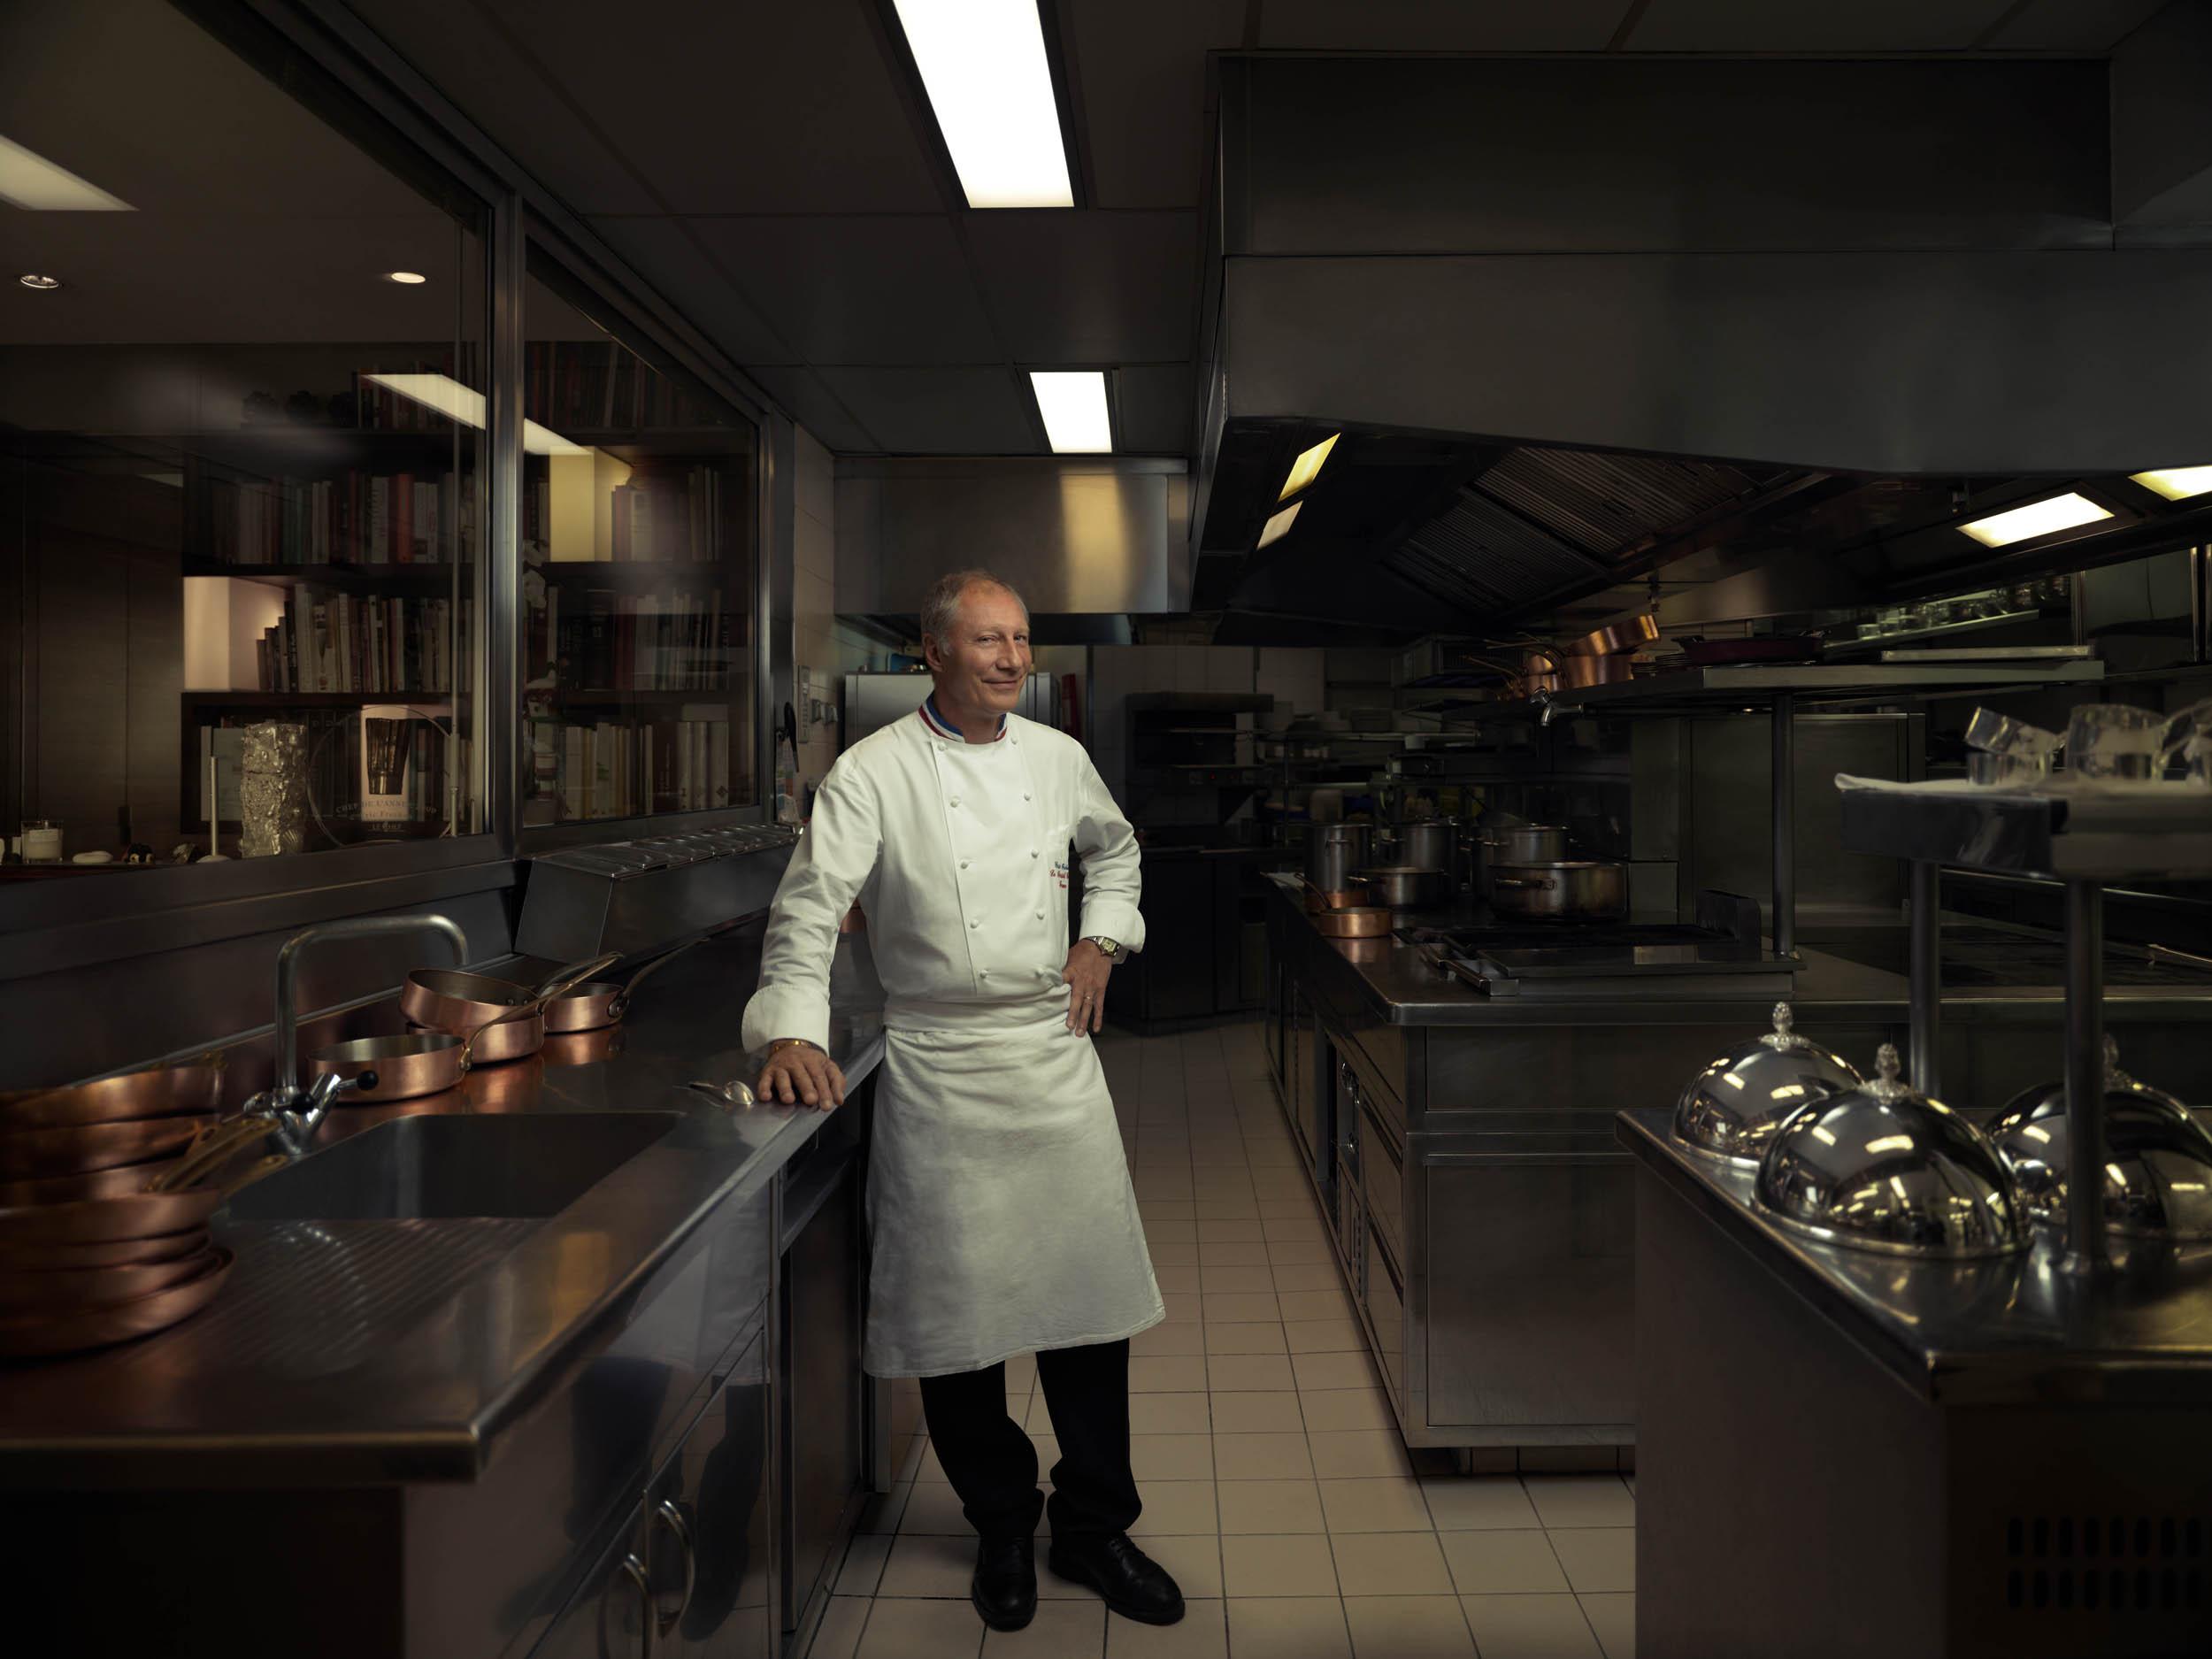 2014-05-21 - Chef Cuisinier_0064.jpg